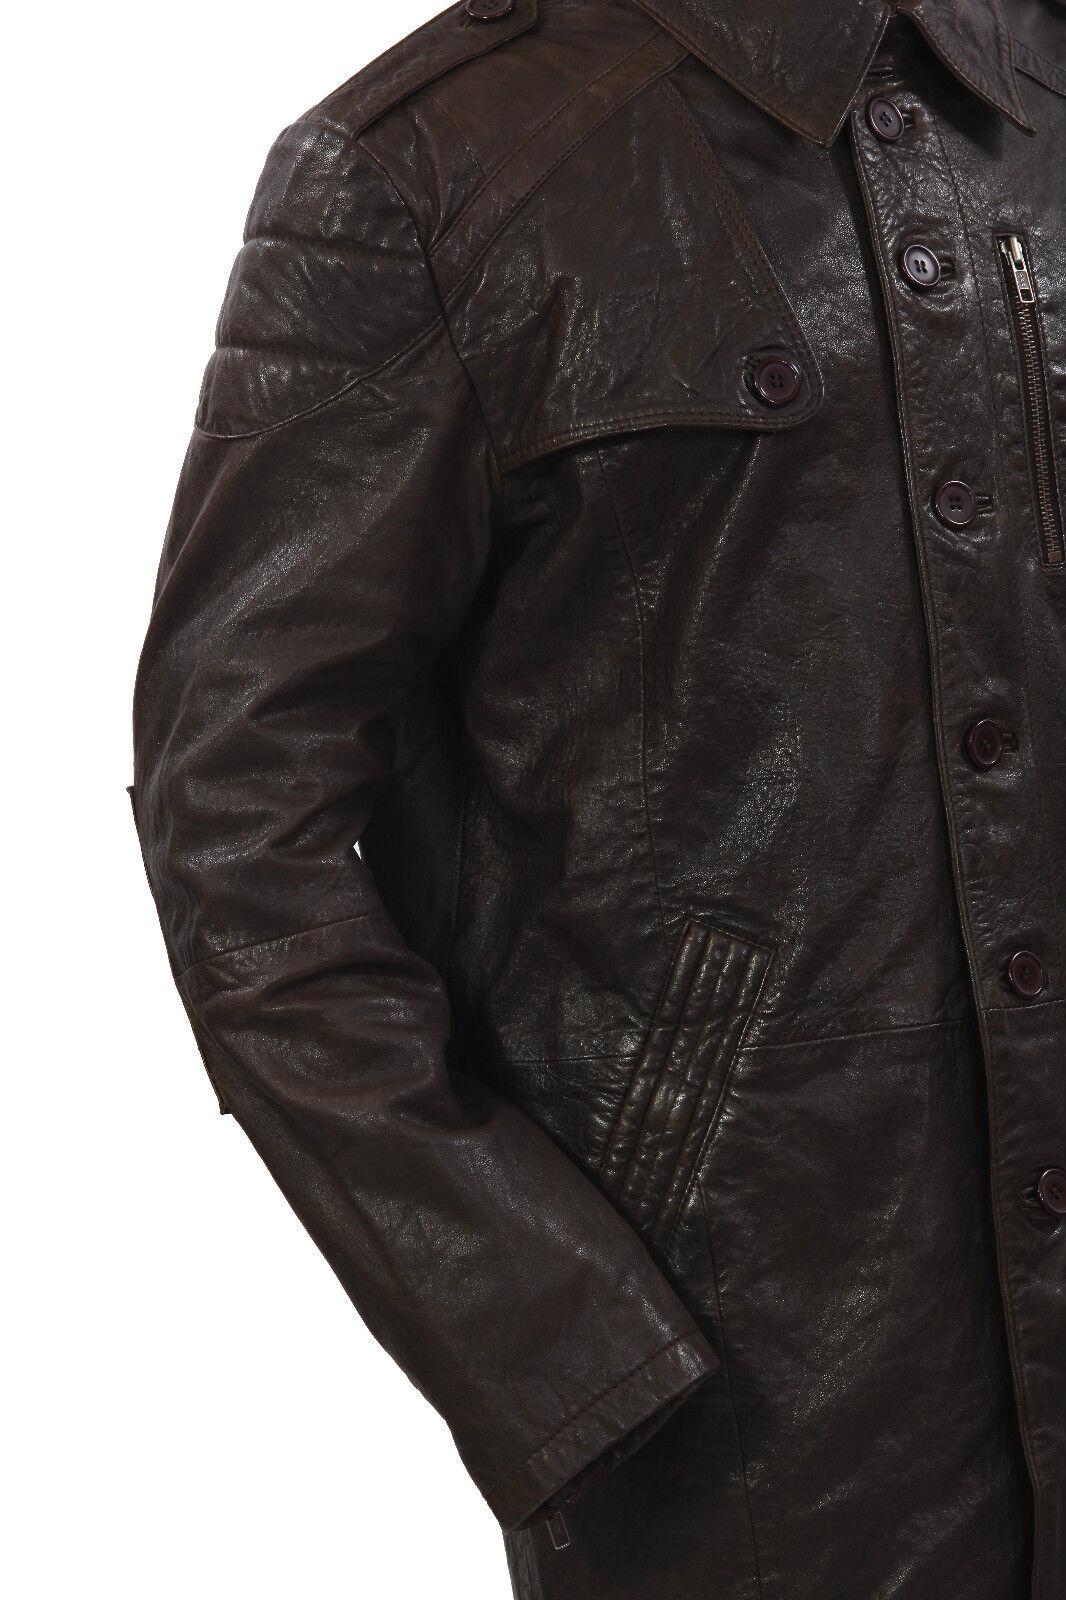 Infinity Herren Herren Herren Lang Militär Weich Distressed Braunes Leder Trenchcoat | Vorzügliche Verarbeitung  45e2a1